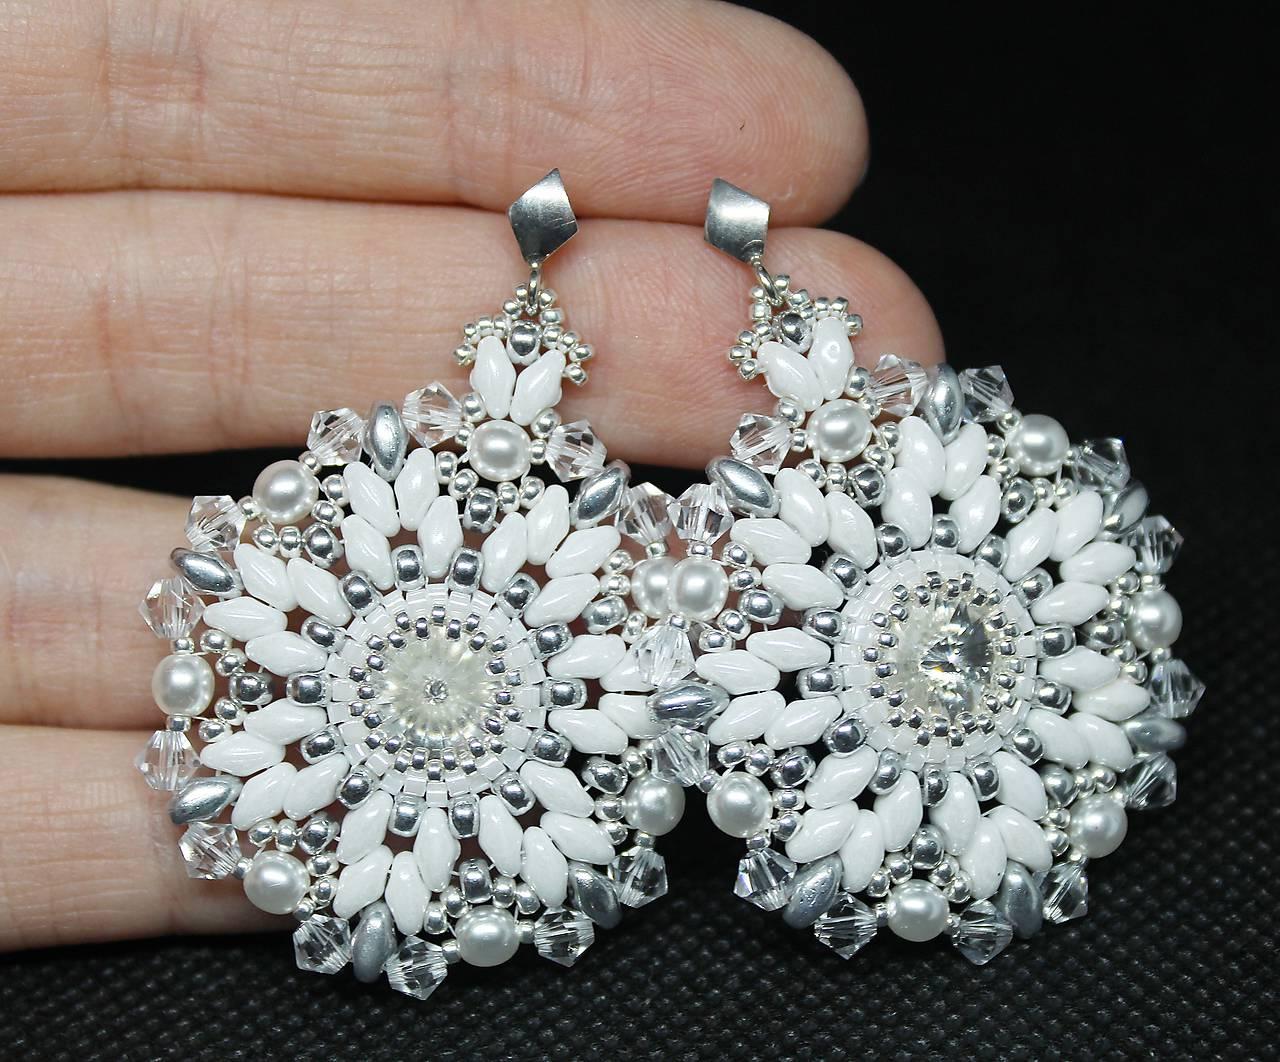 ... Náušnice - Luxusné svadobné náušnice  Snehové vločky  so Swarovski®  kryštálmi   Ag 925 ... 0f5382cac04